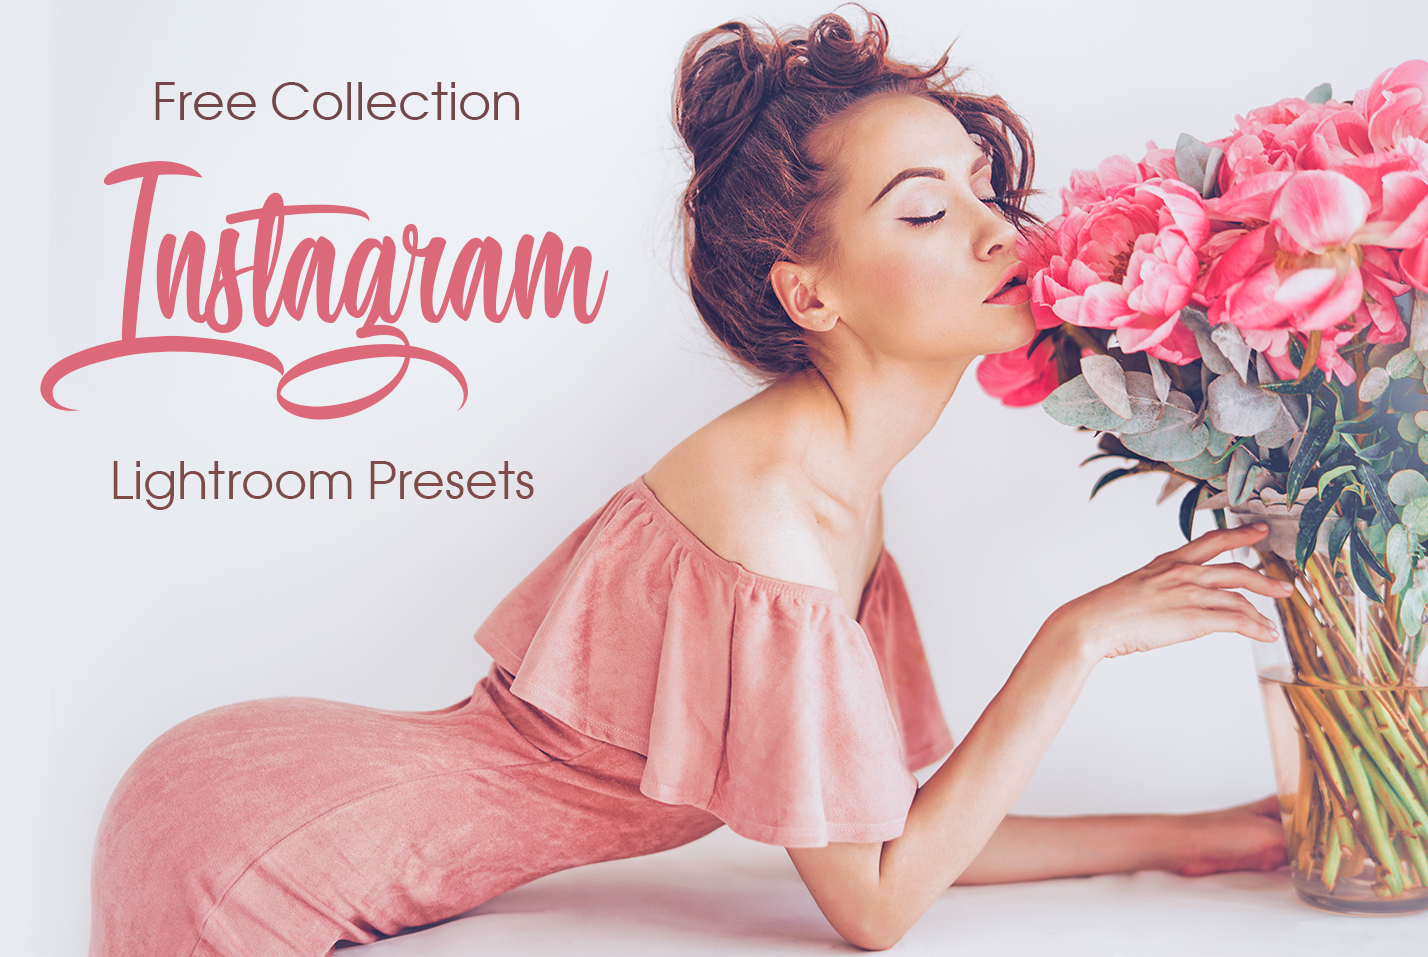 40 Free Lightroom Instagram Presets | Best Lightroom Presets